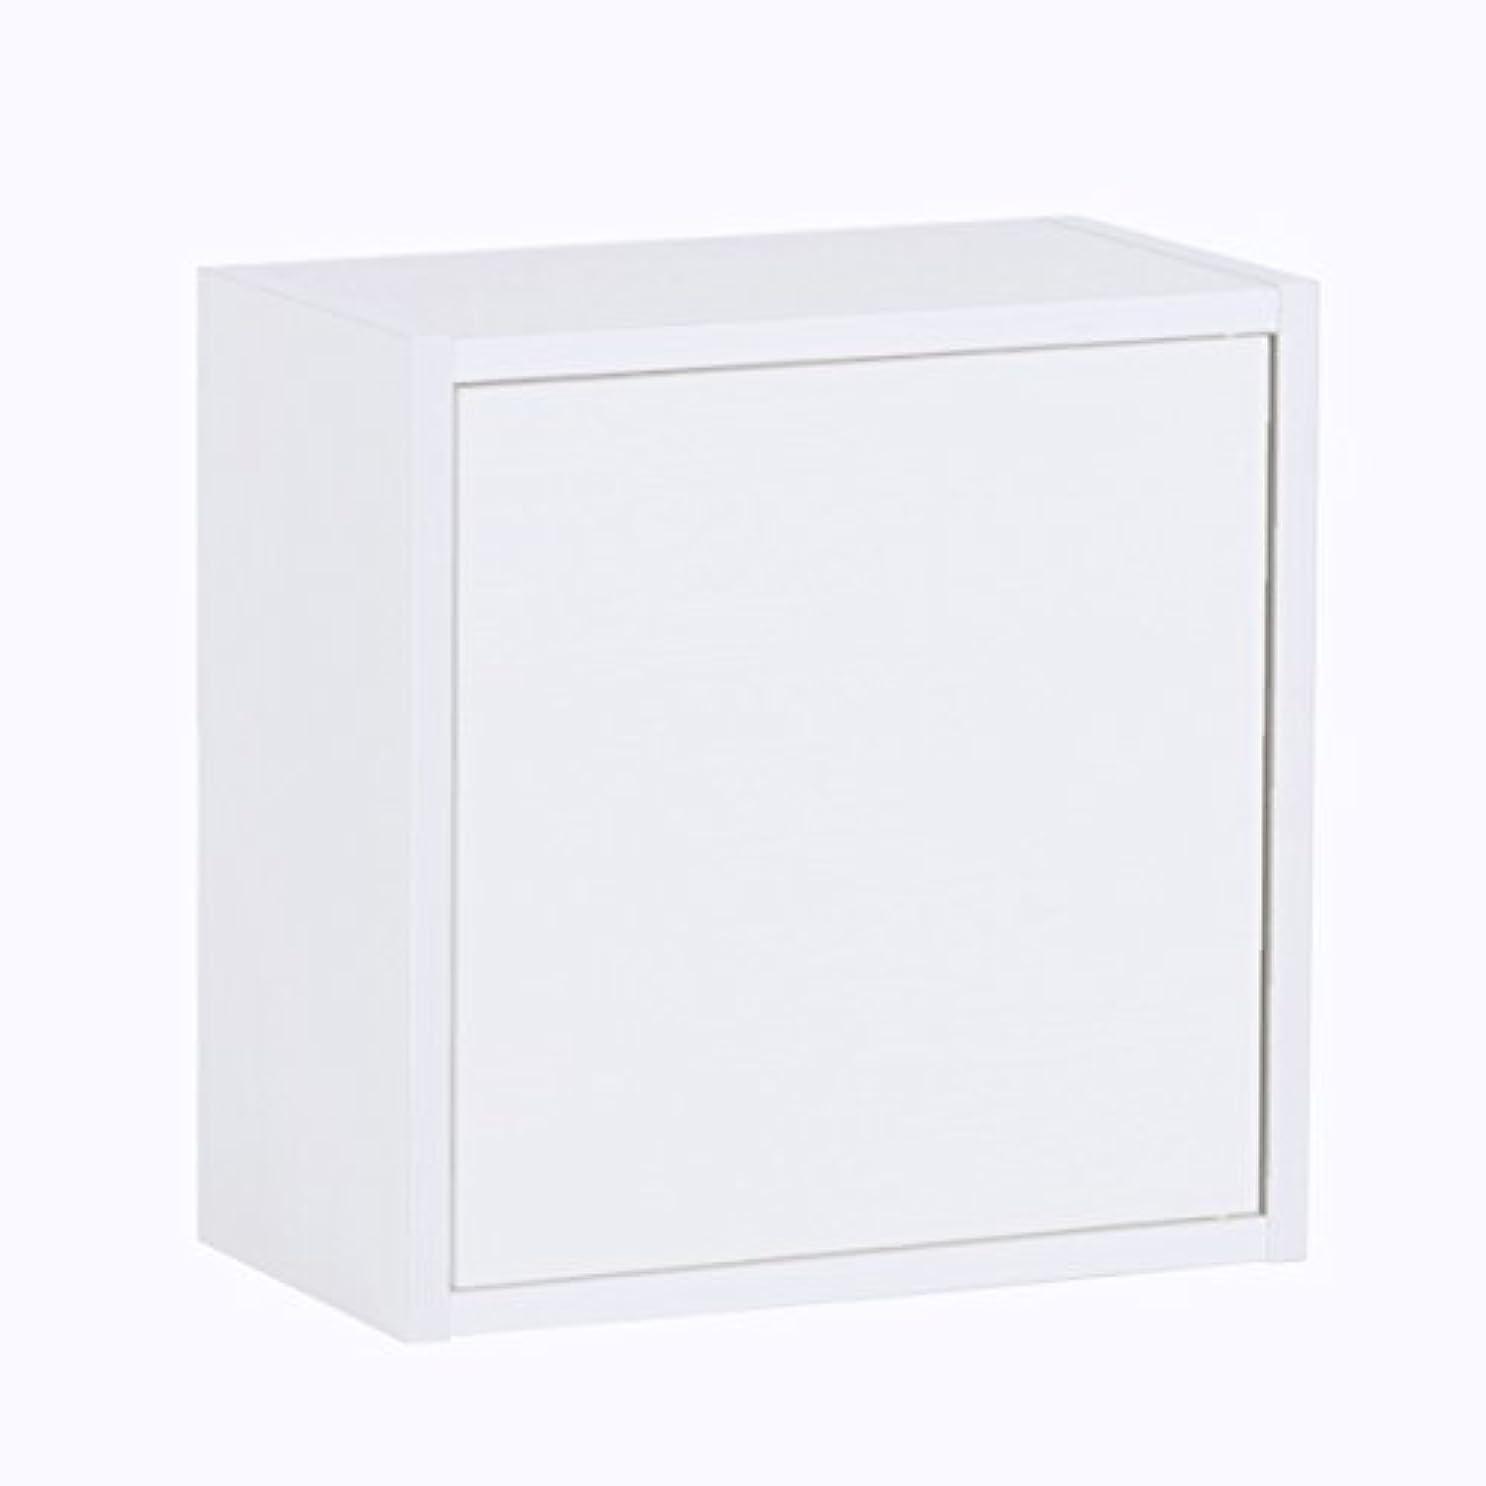 アヒルウィスキー考古学的なarne ウォールシェルフ 幅40 奥行21 高さ40 おしゃれ 北欧 石膏ボード 玄関 壁掛け 棚 戸棚 キッチン 飾り棚 WallBox ホワイト